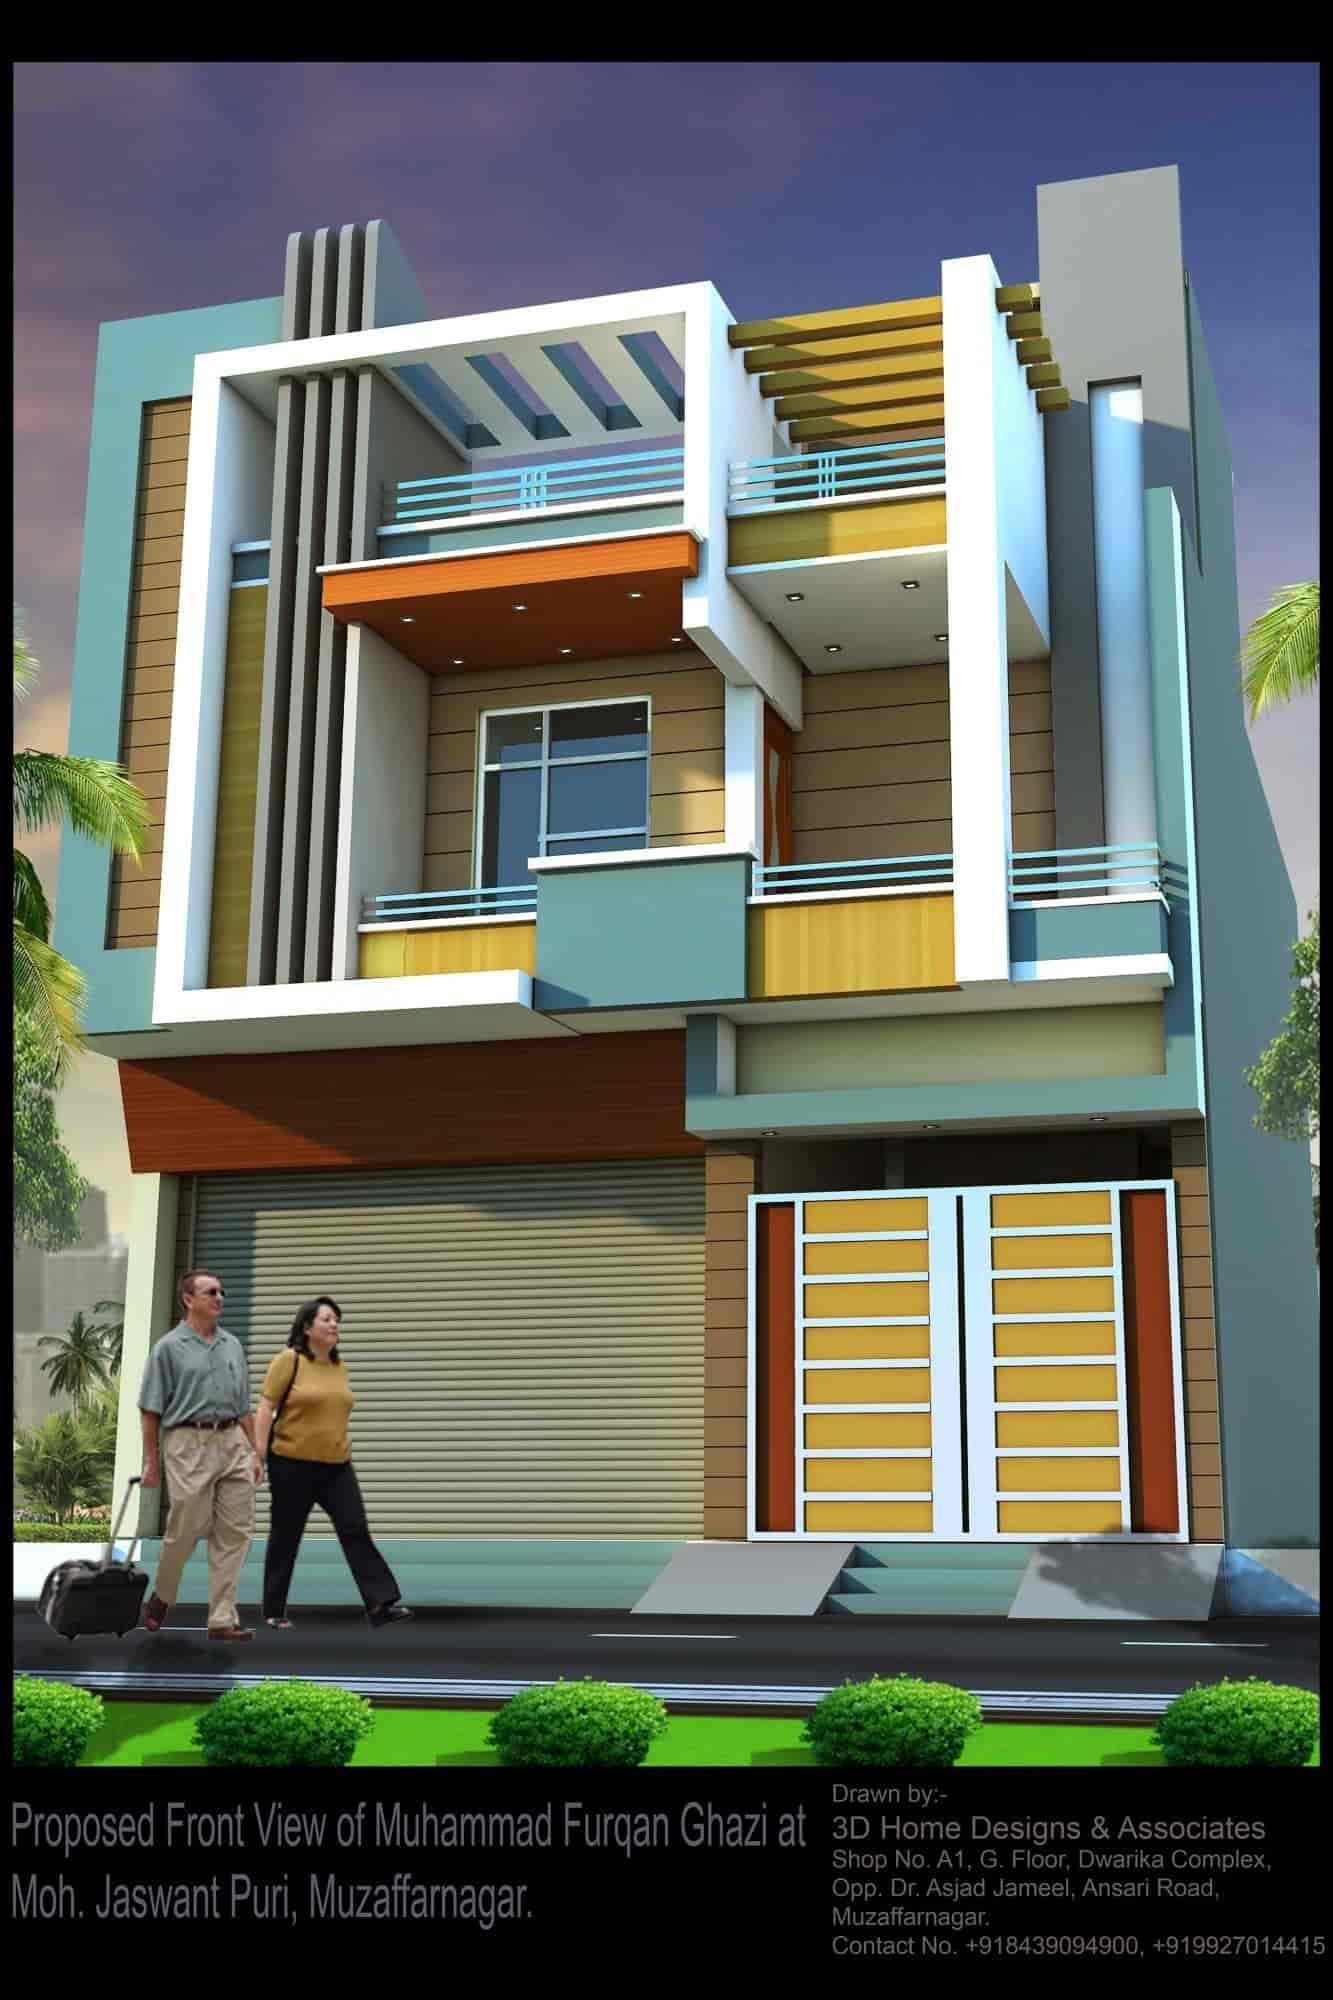 3d Home Designs & ociates, Muzaffar Nagar City - Exterior ... A View Designs For Home on home design layout, home design store, home design project, home design online, home design from above, home design show, home design help, home interior design, home design front yard, home design philippines,